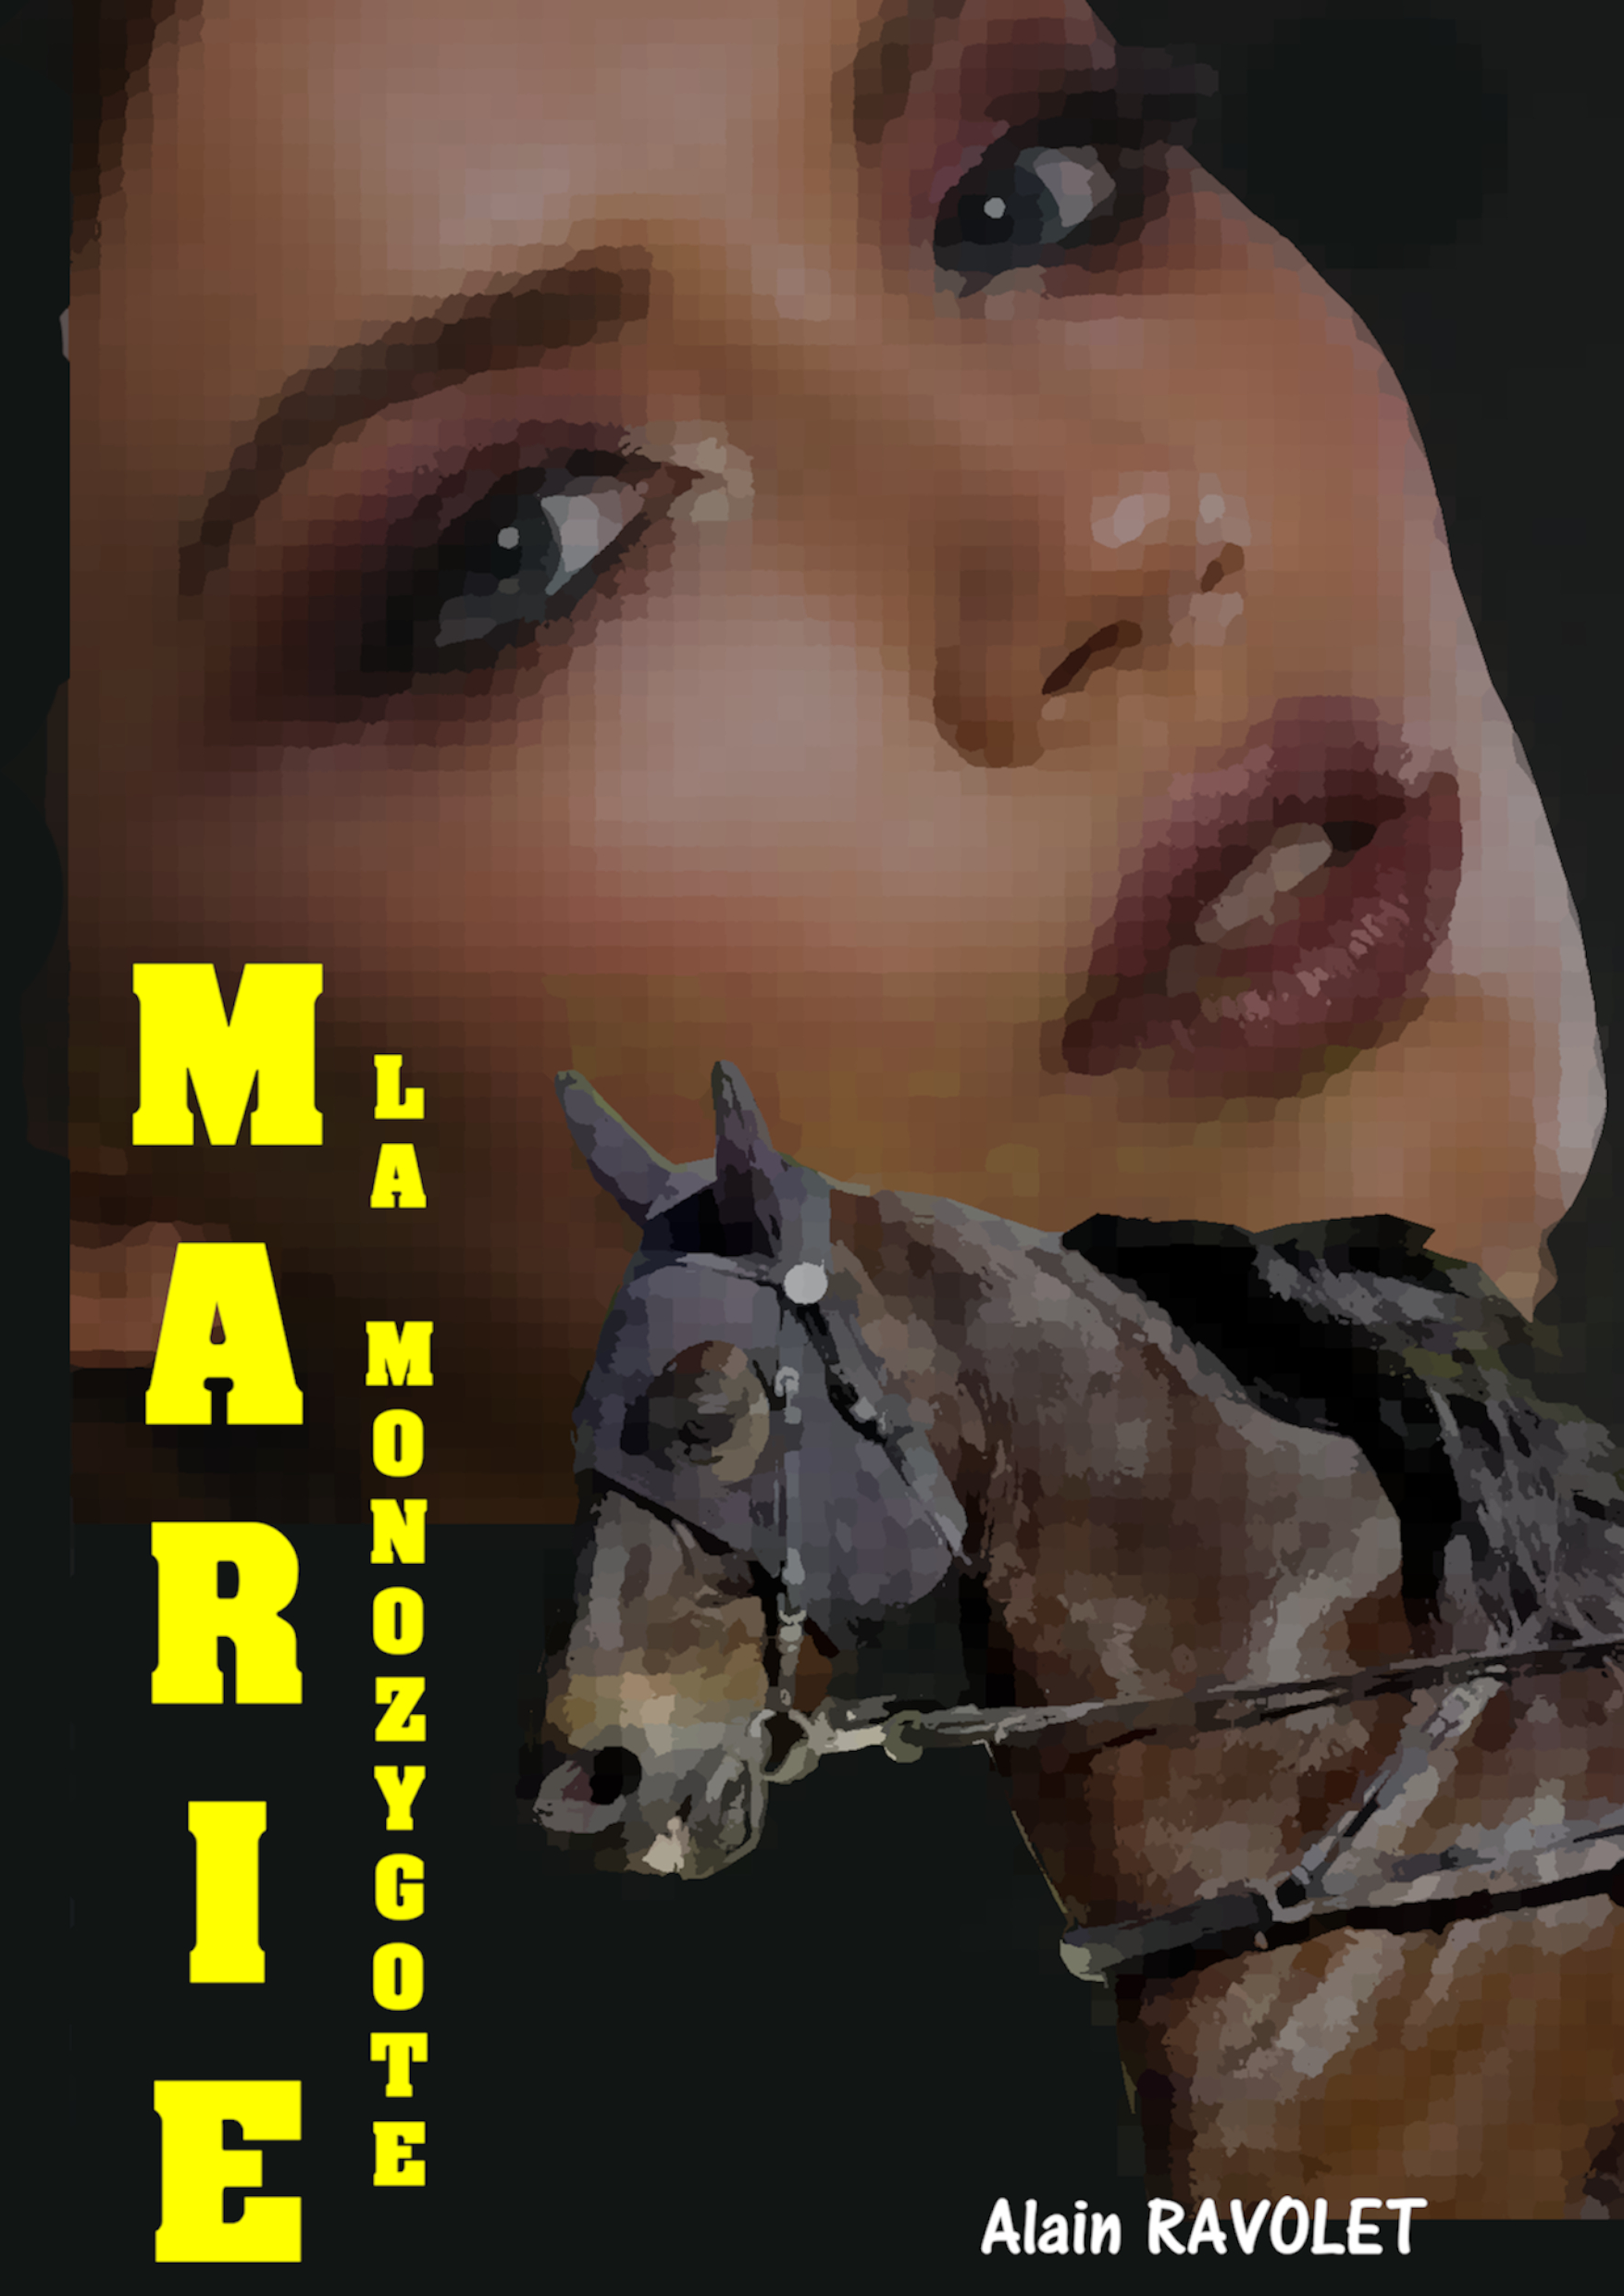 MARIE la Monozygote